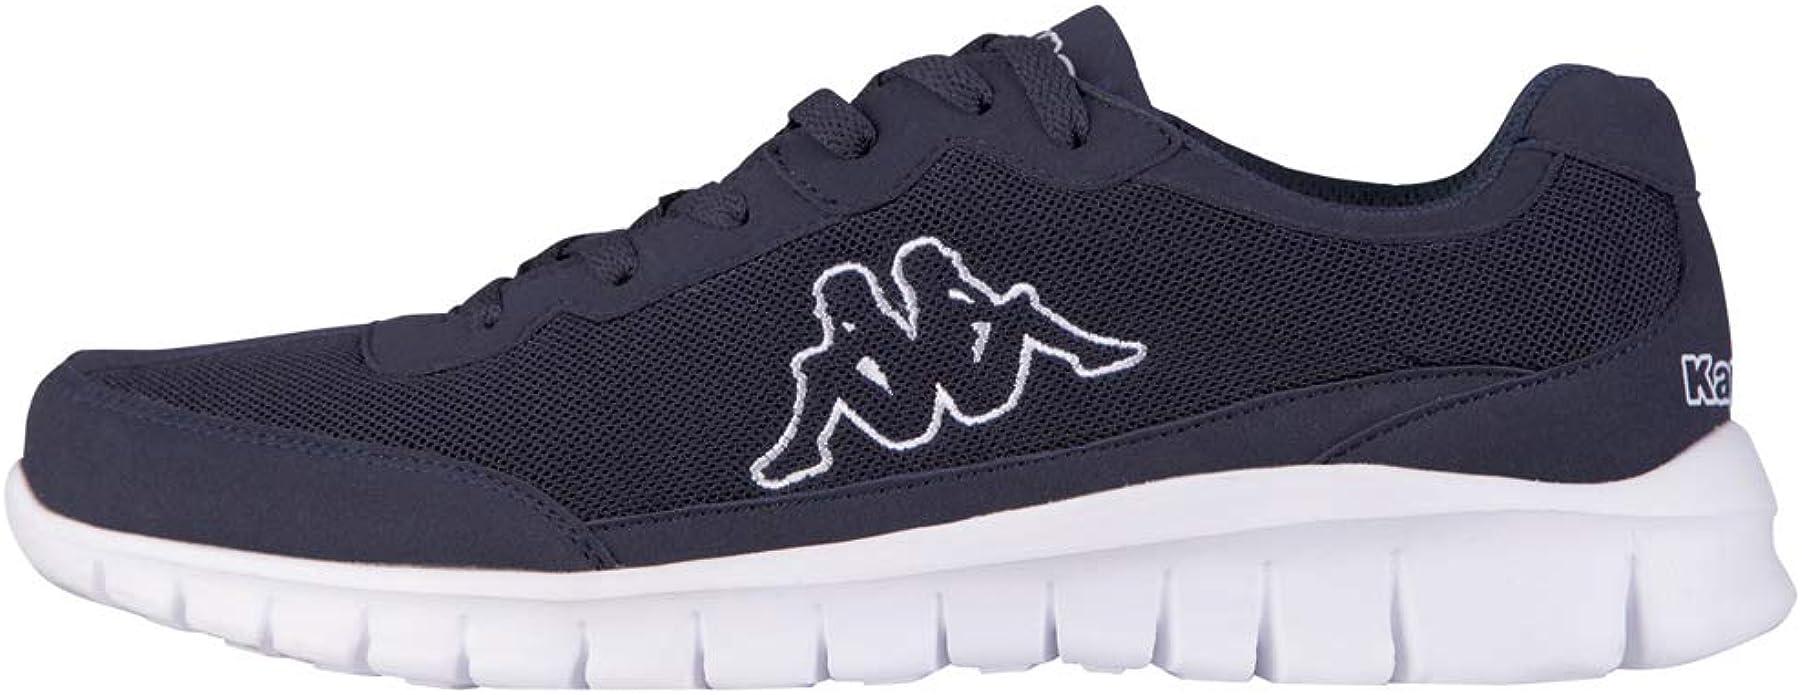 Kappa Rocket Sneakers Fitnesschuhe Damen Herren Unisex Marineblau